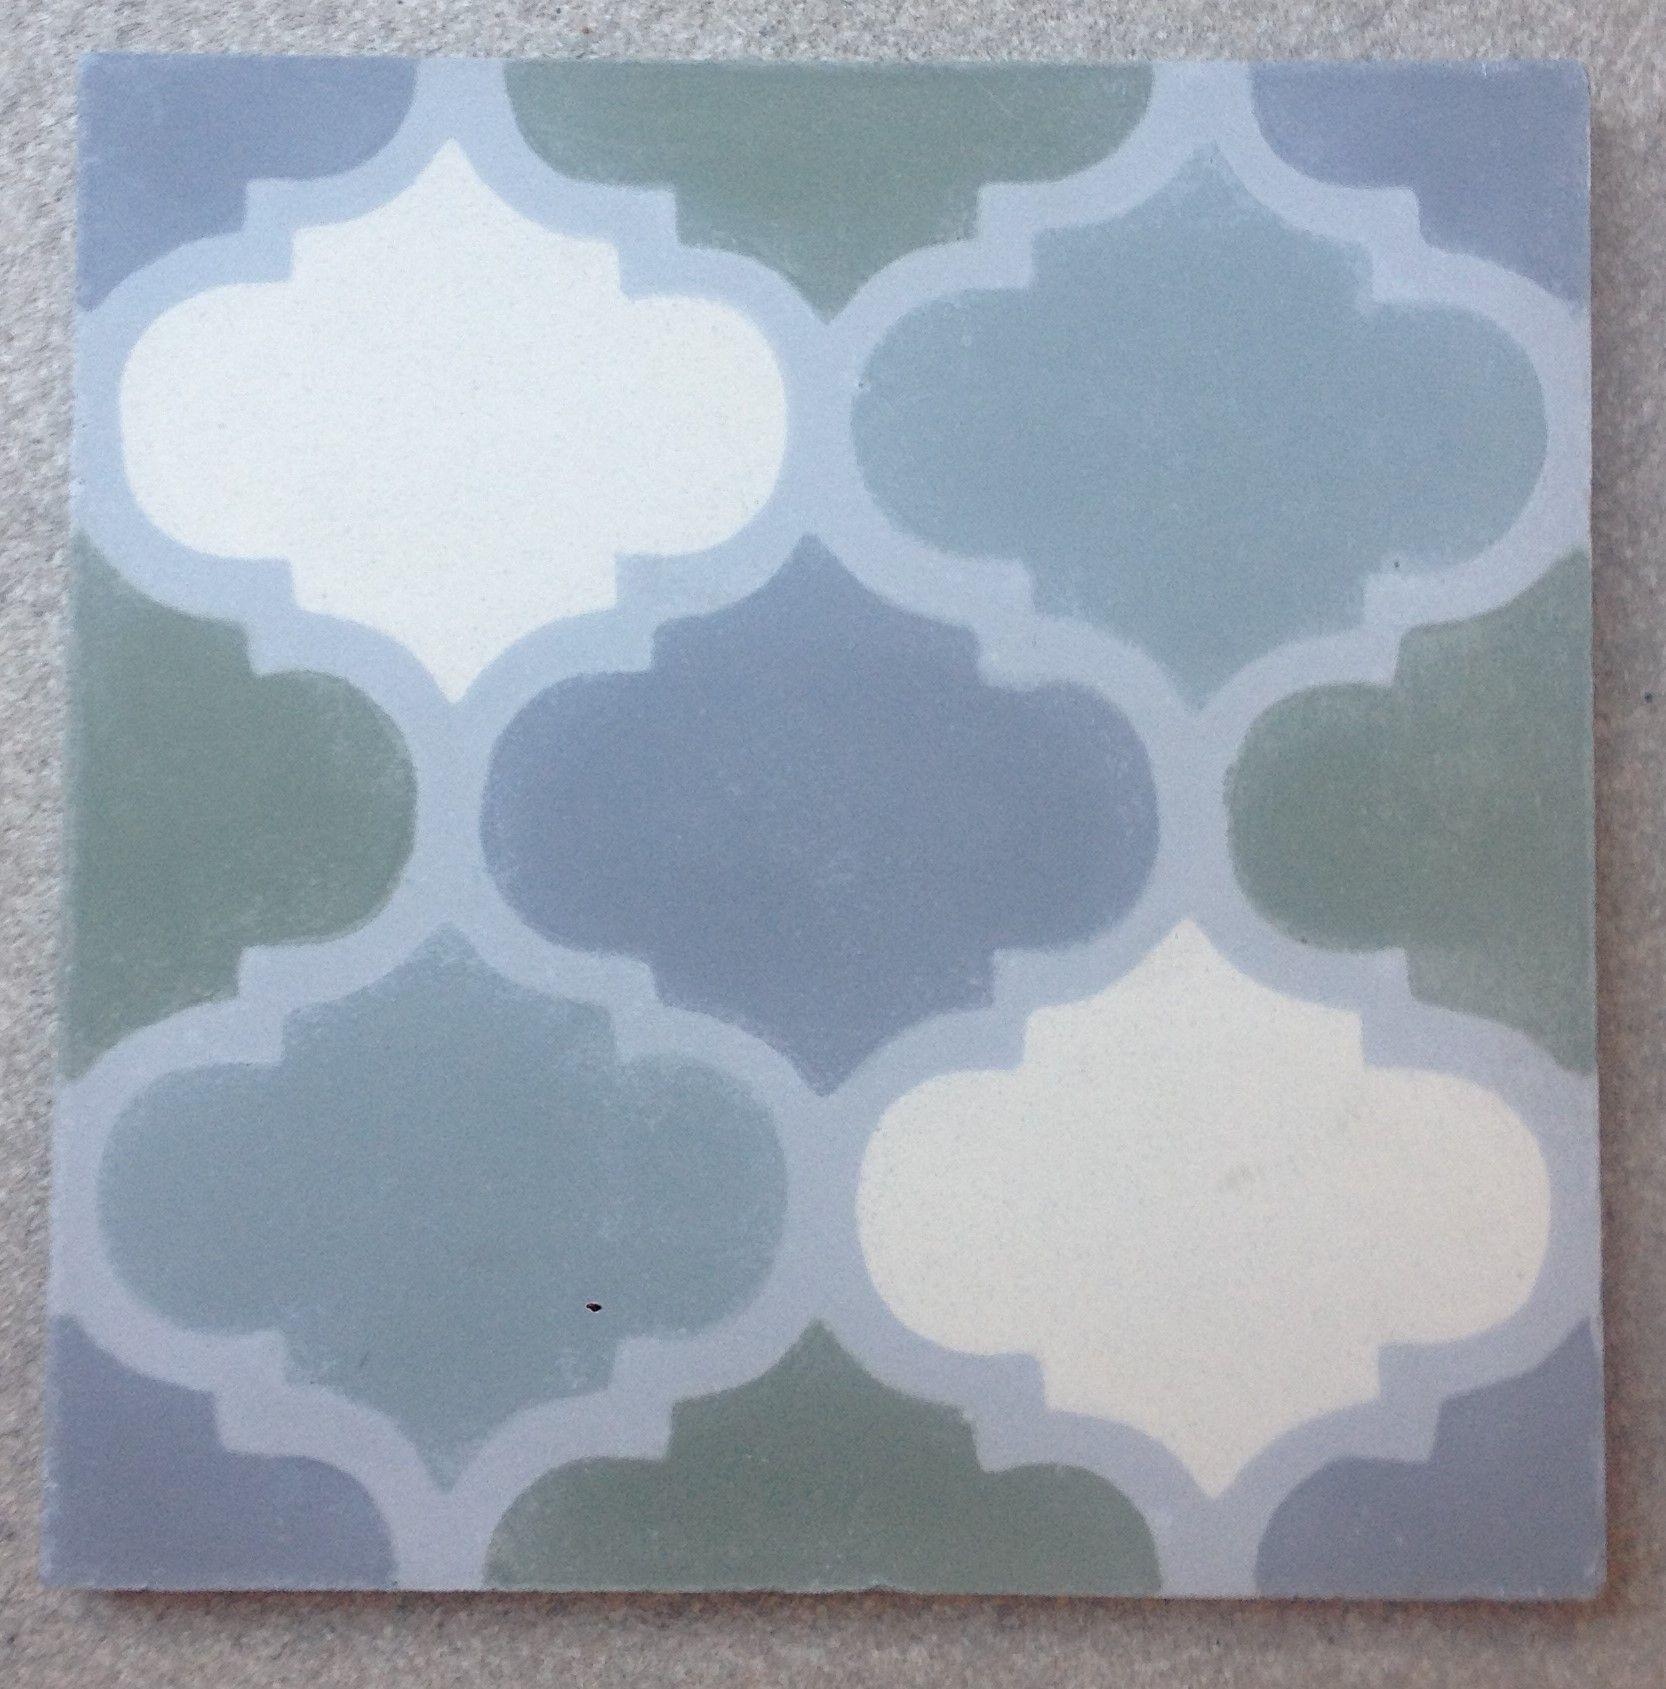 MotherStudio - Cement Tiles Mod: 228 Cores: M3+ M12 + M40 + M46 + ...